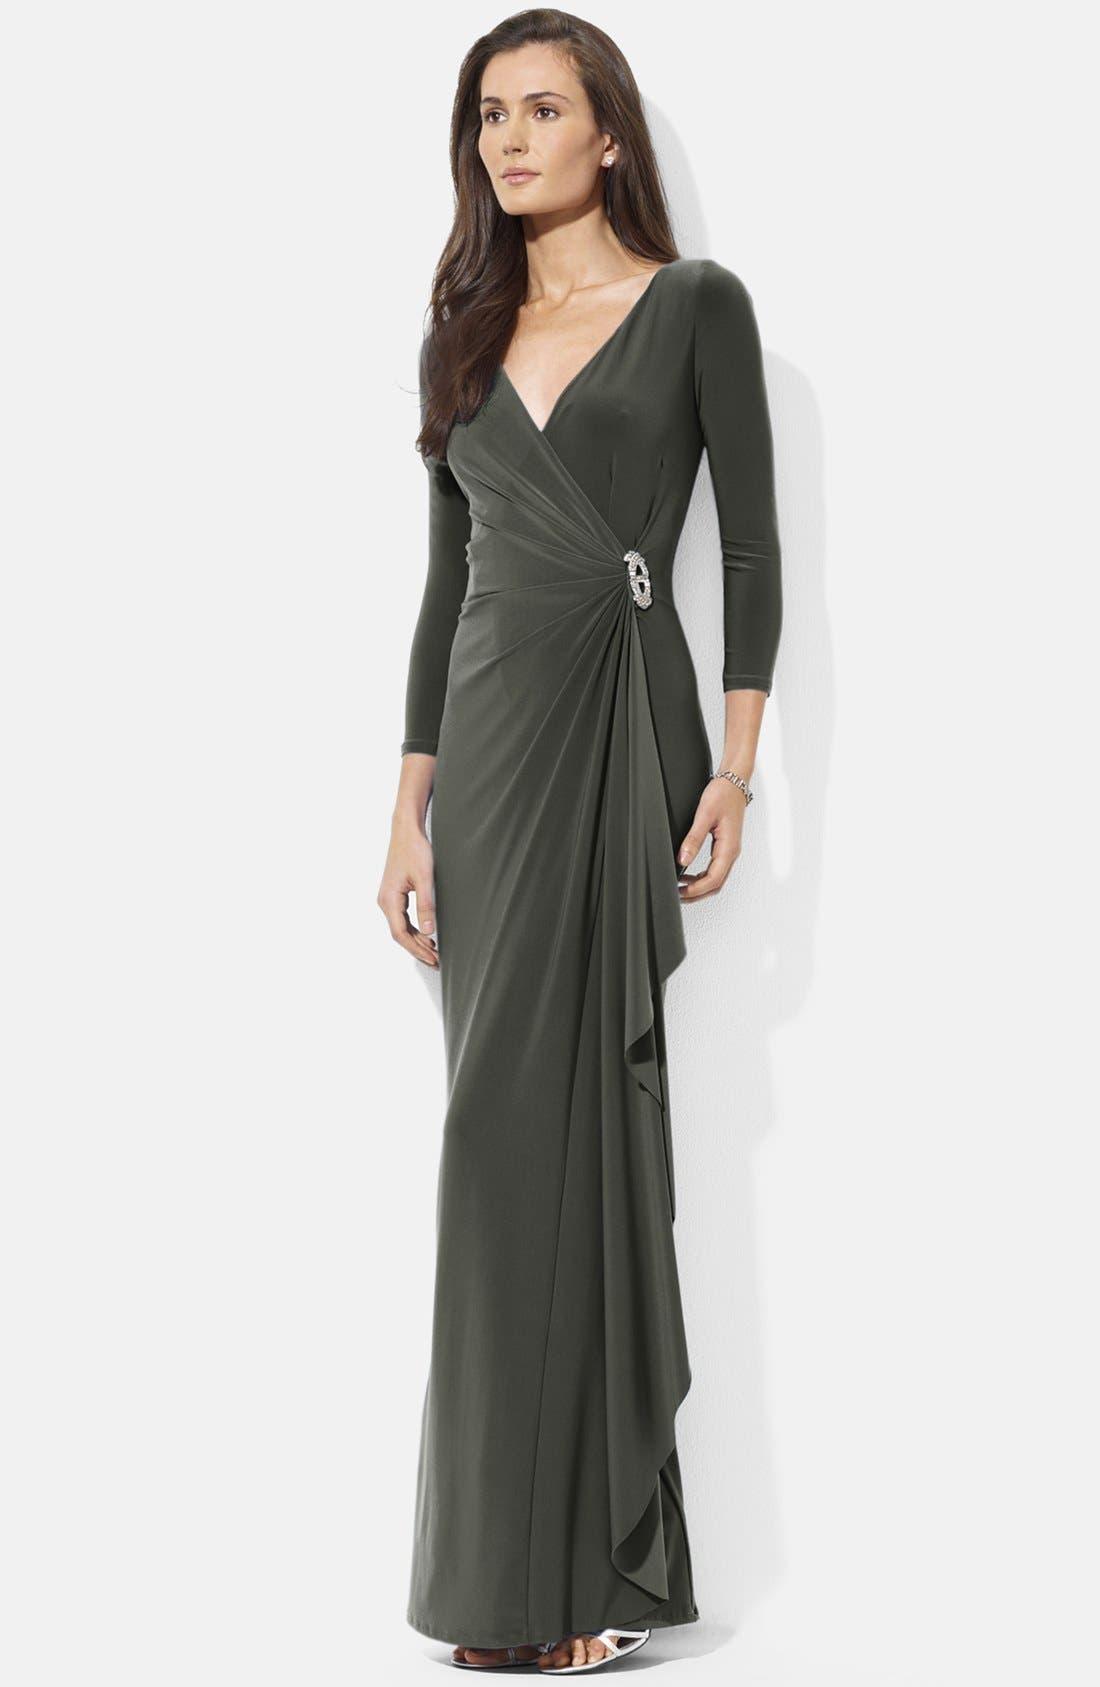 Alternate Image 1 Selected - Lauren Ralph Lauren Satin Ruffled Jersey Gown